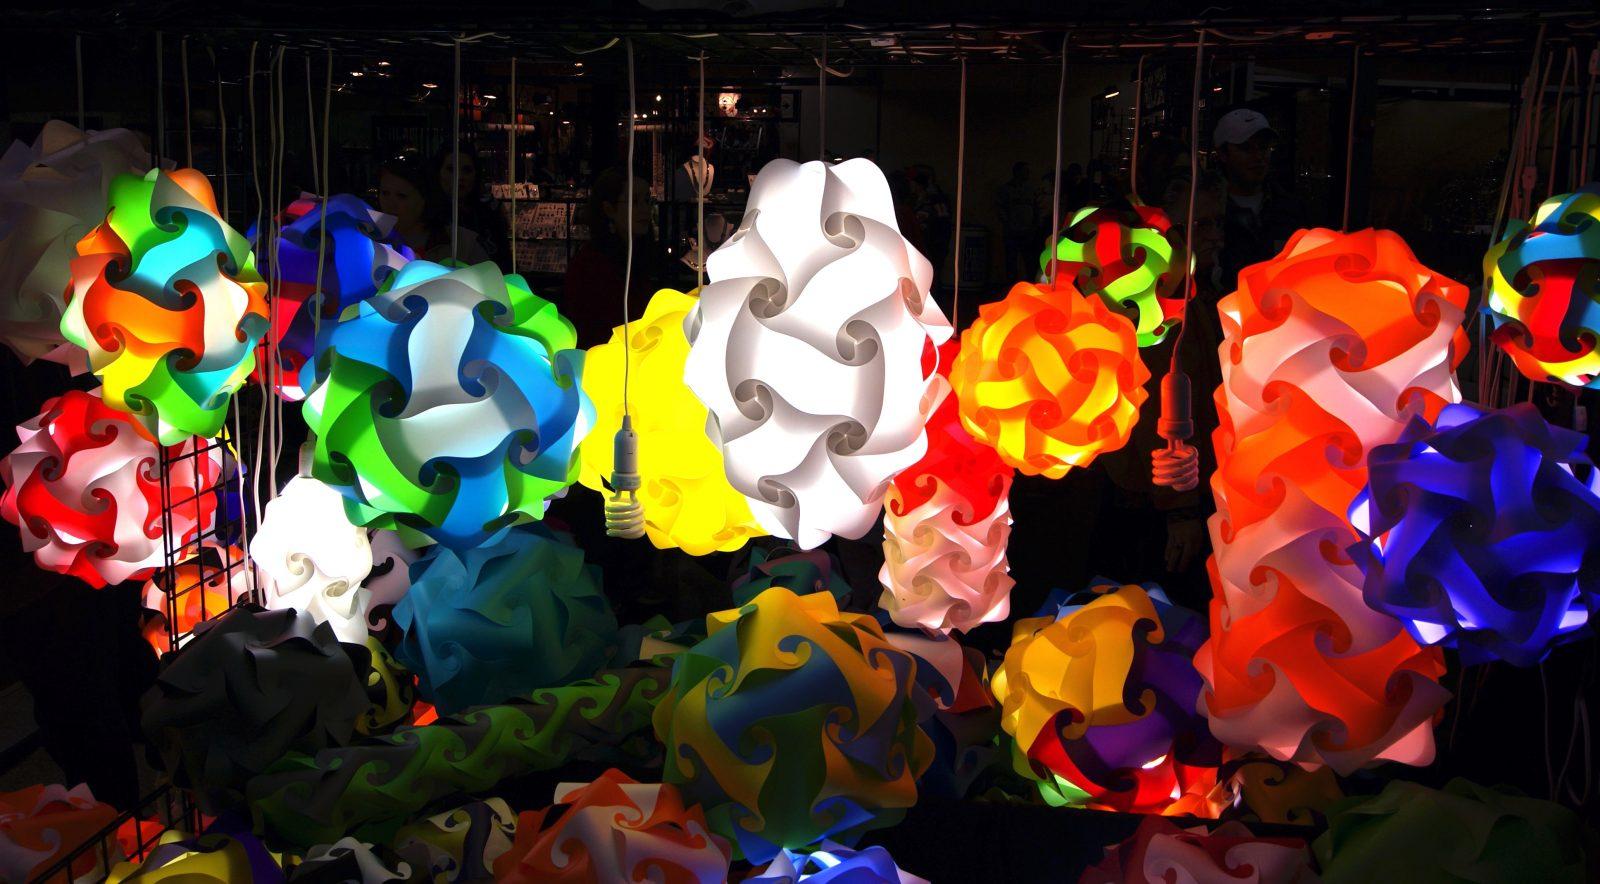 Φωτιστικά παζλ (puzzle lamps)